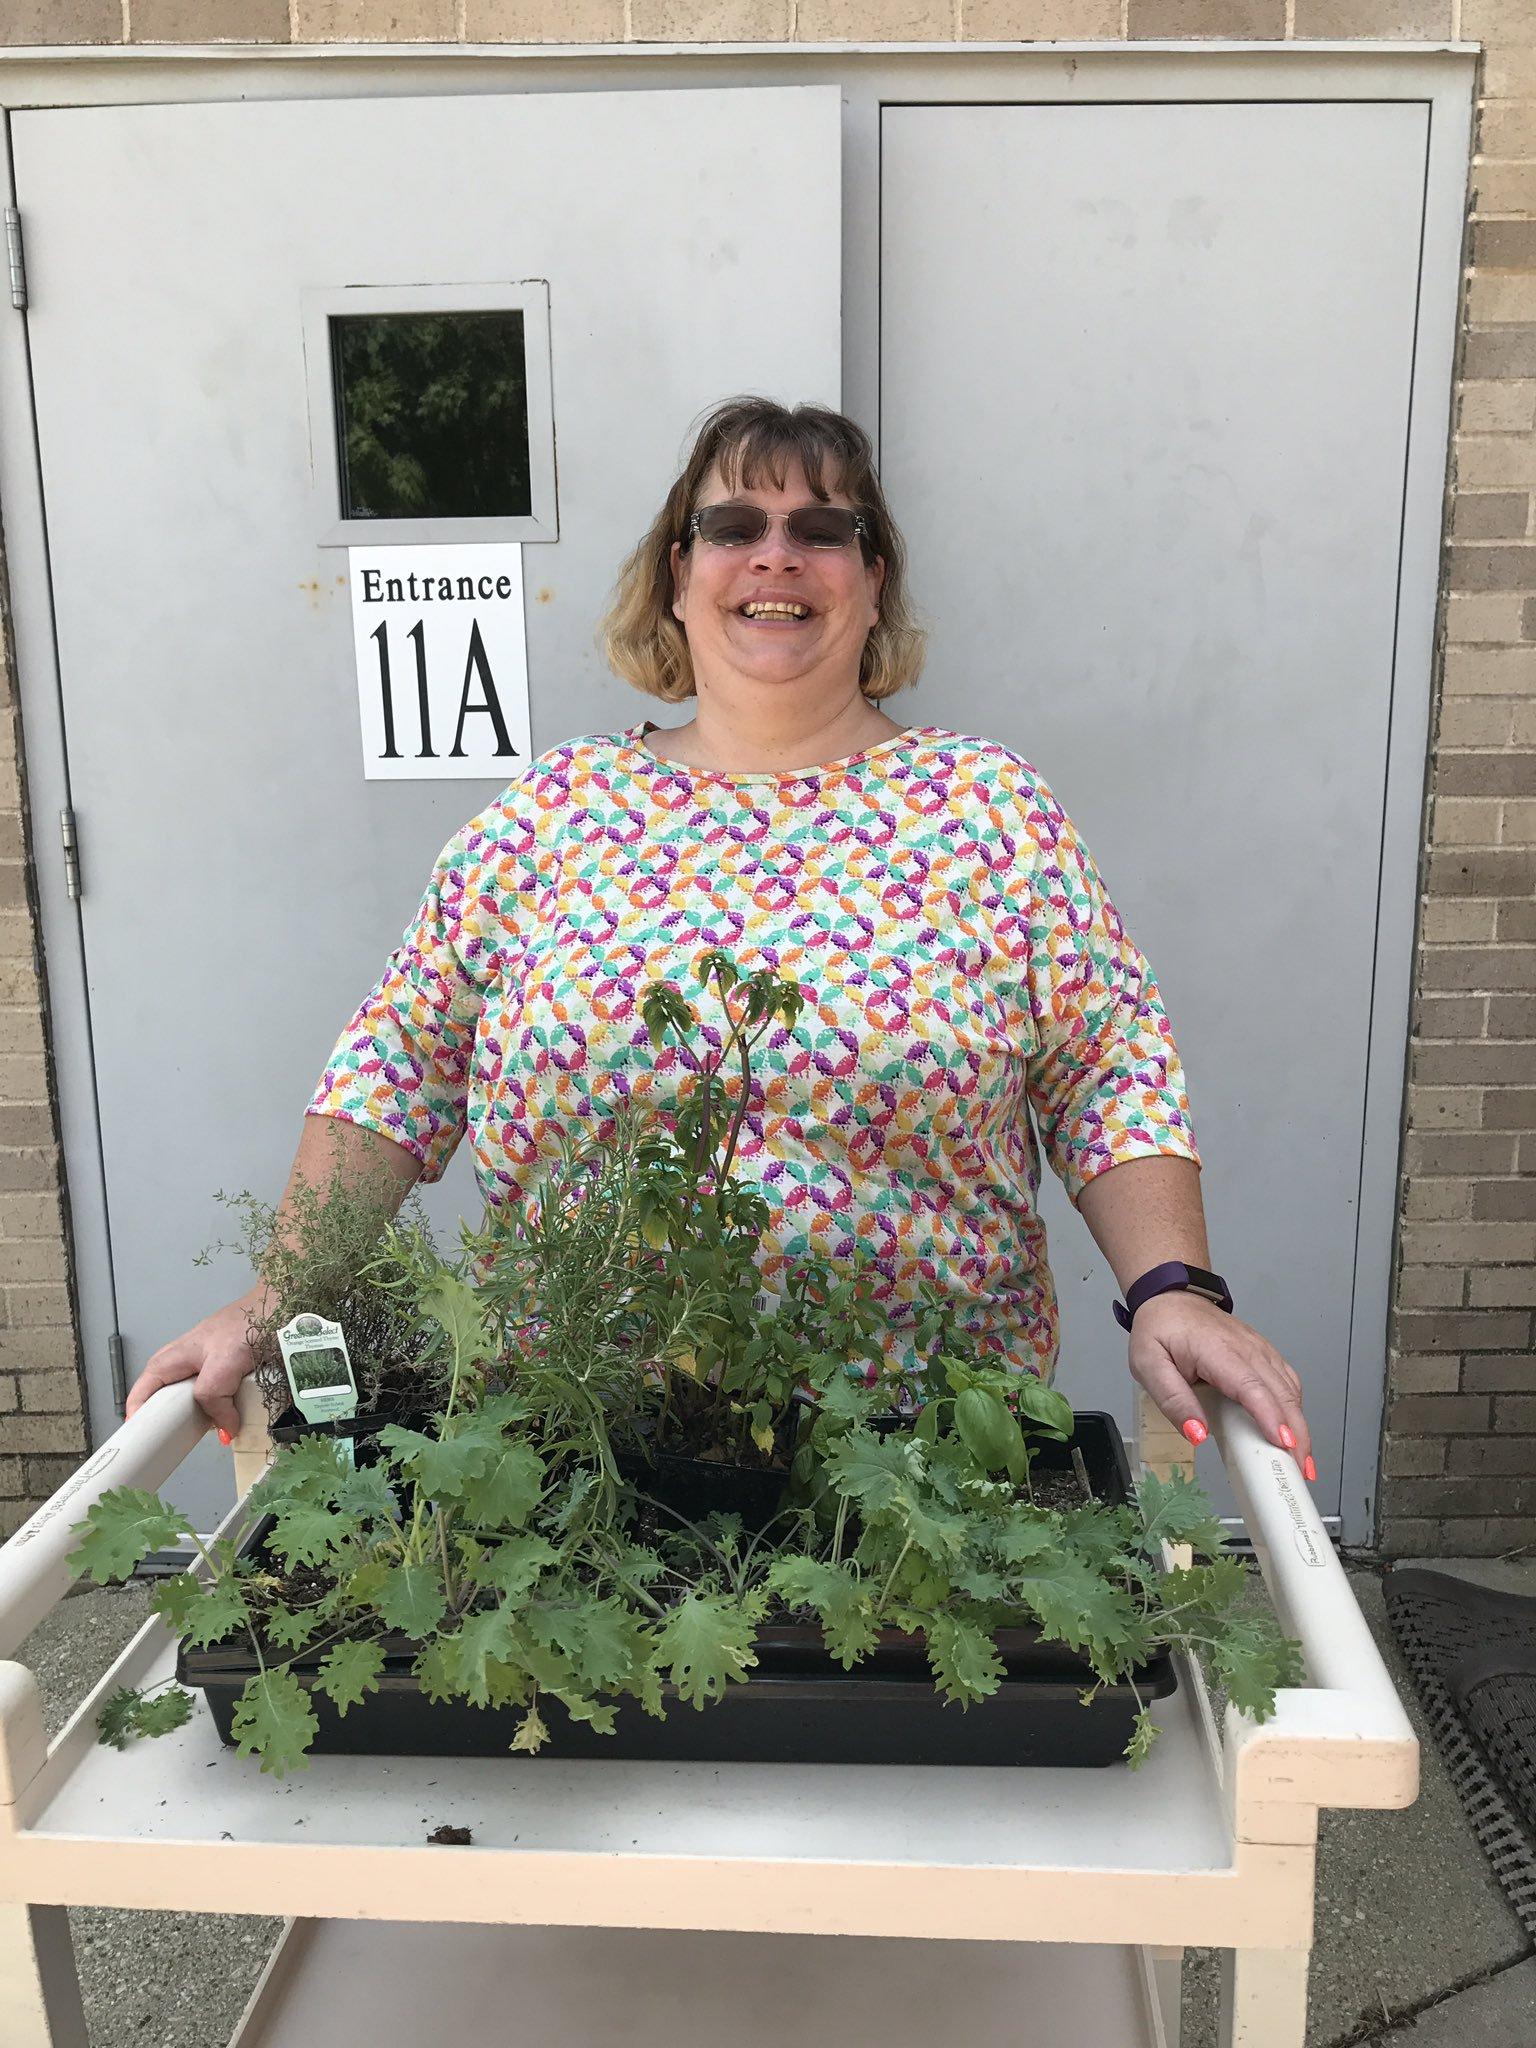 Taher plants herbs